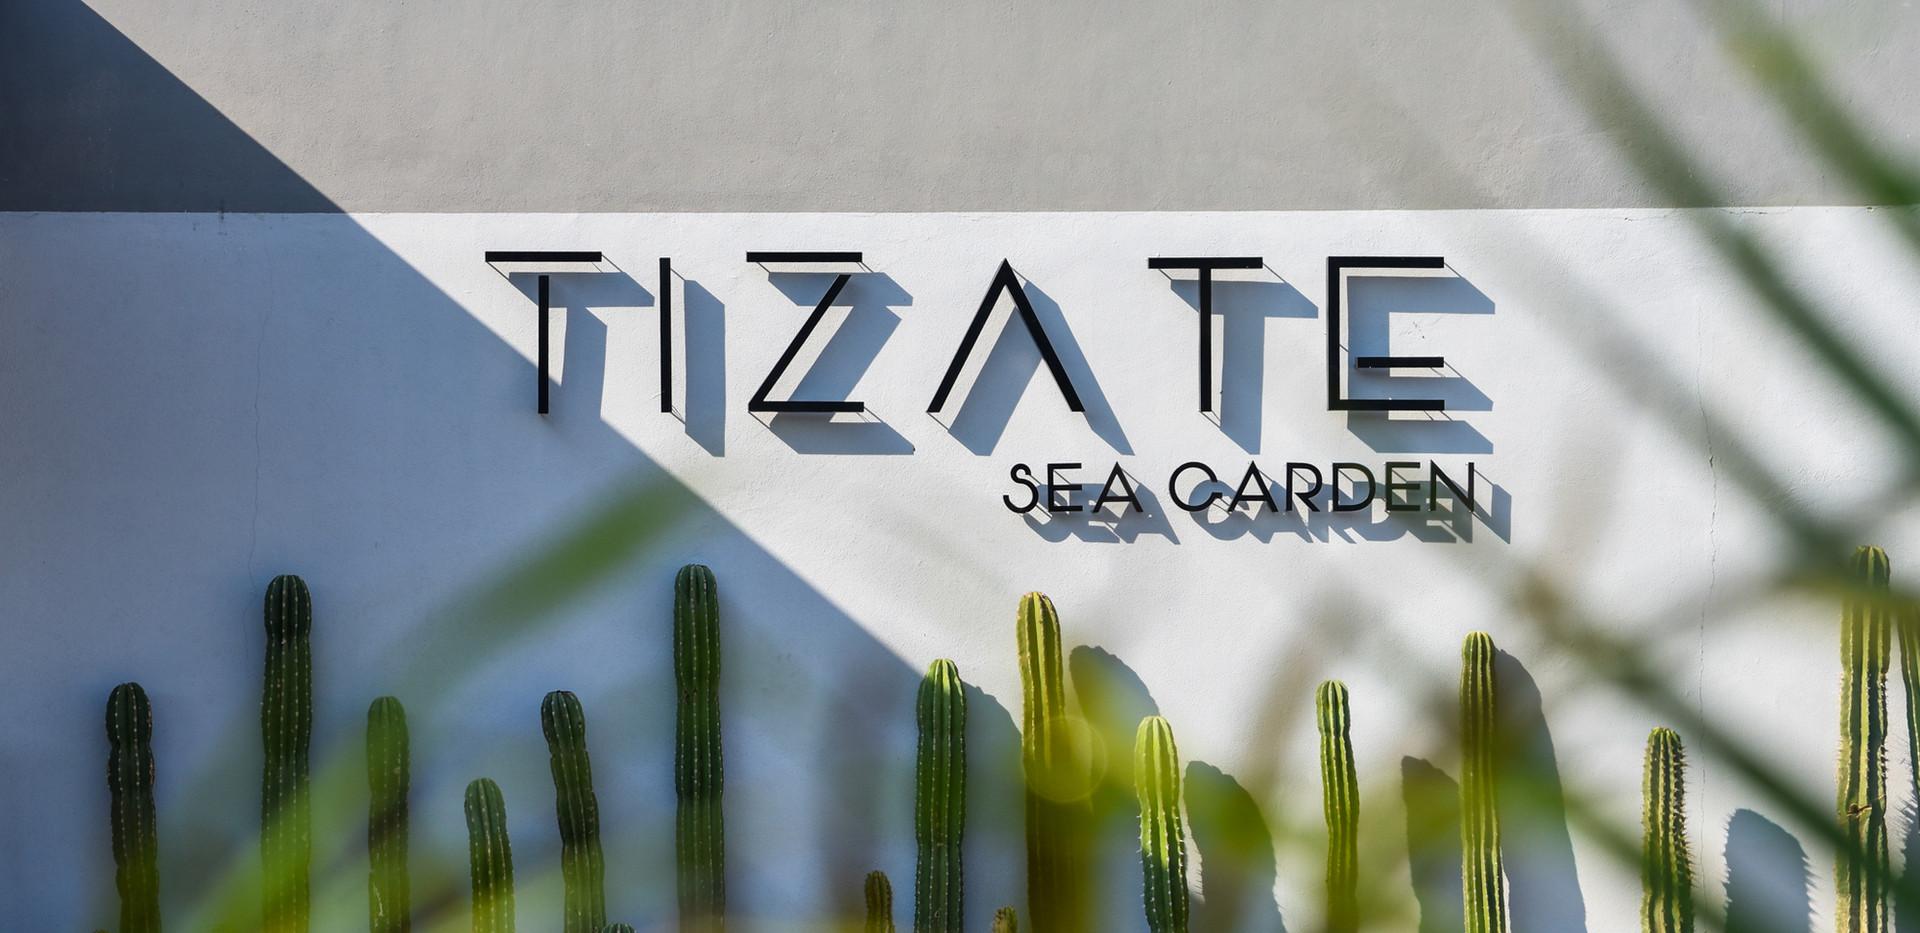 Tizate Sea Garden